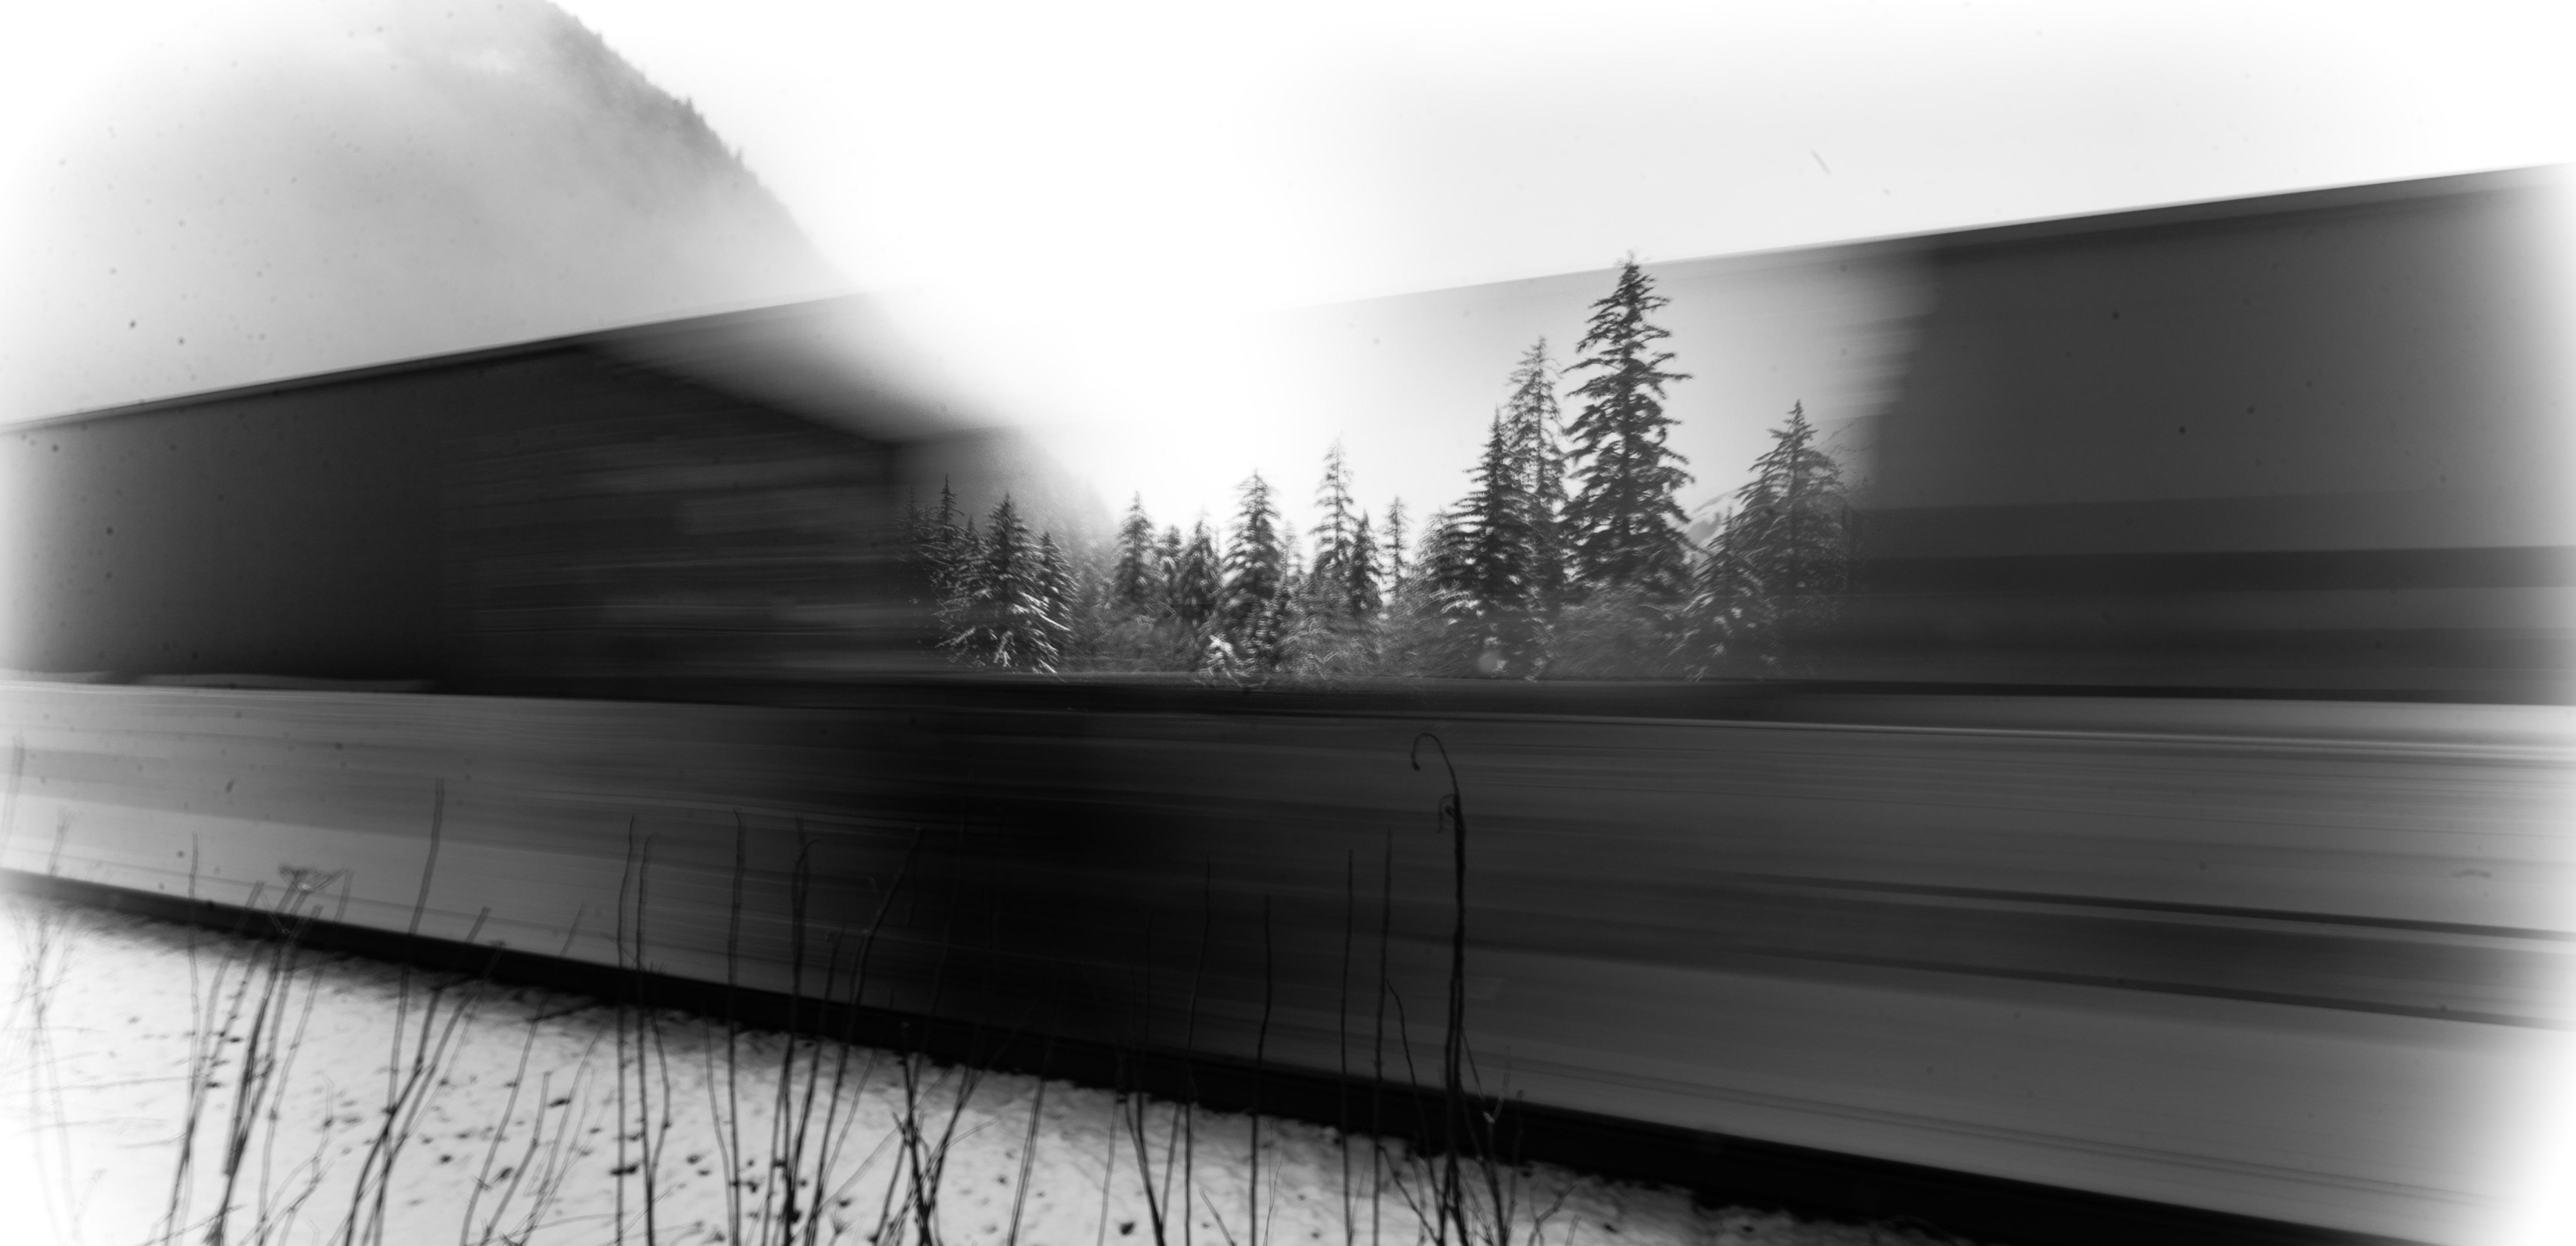 Train Scape